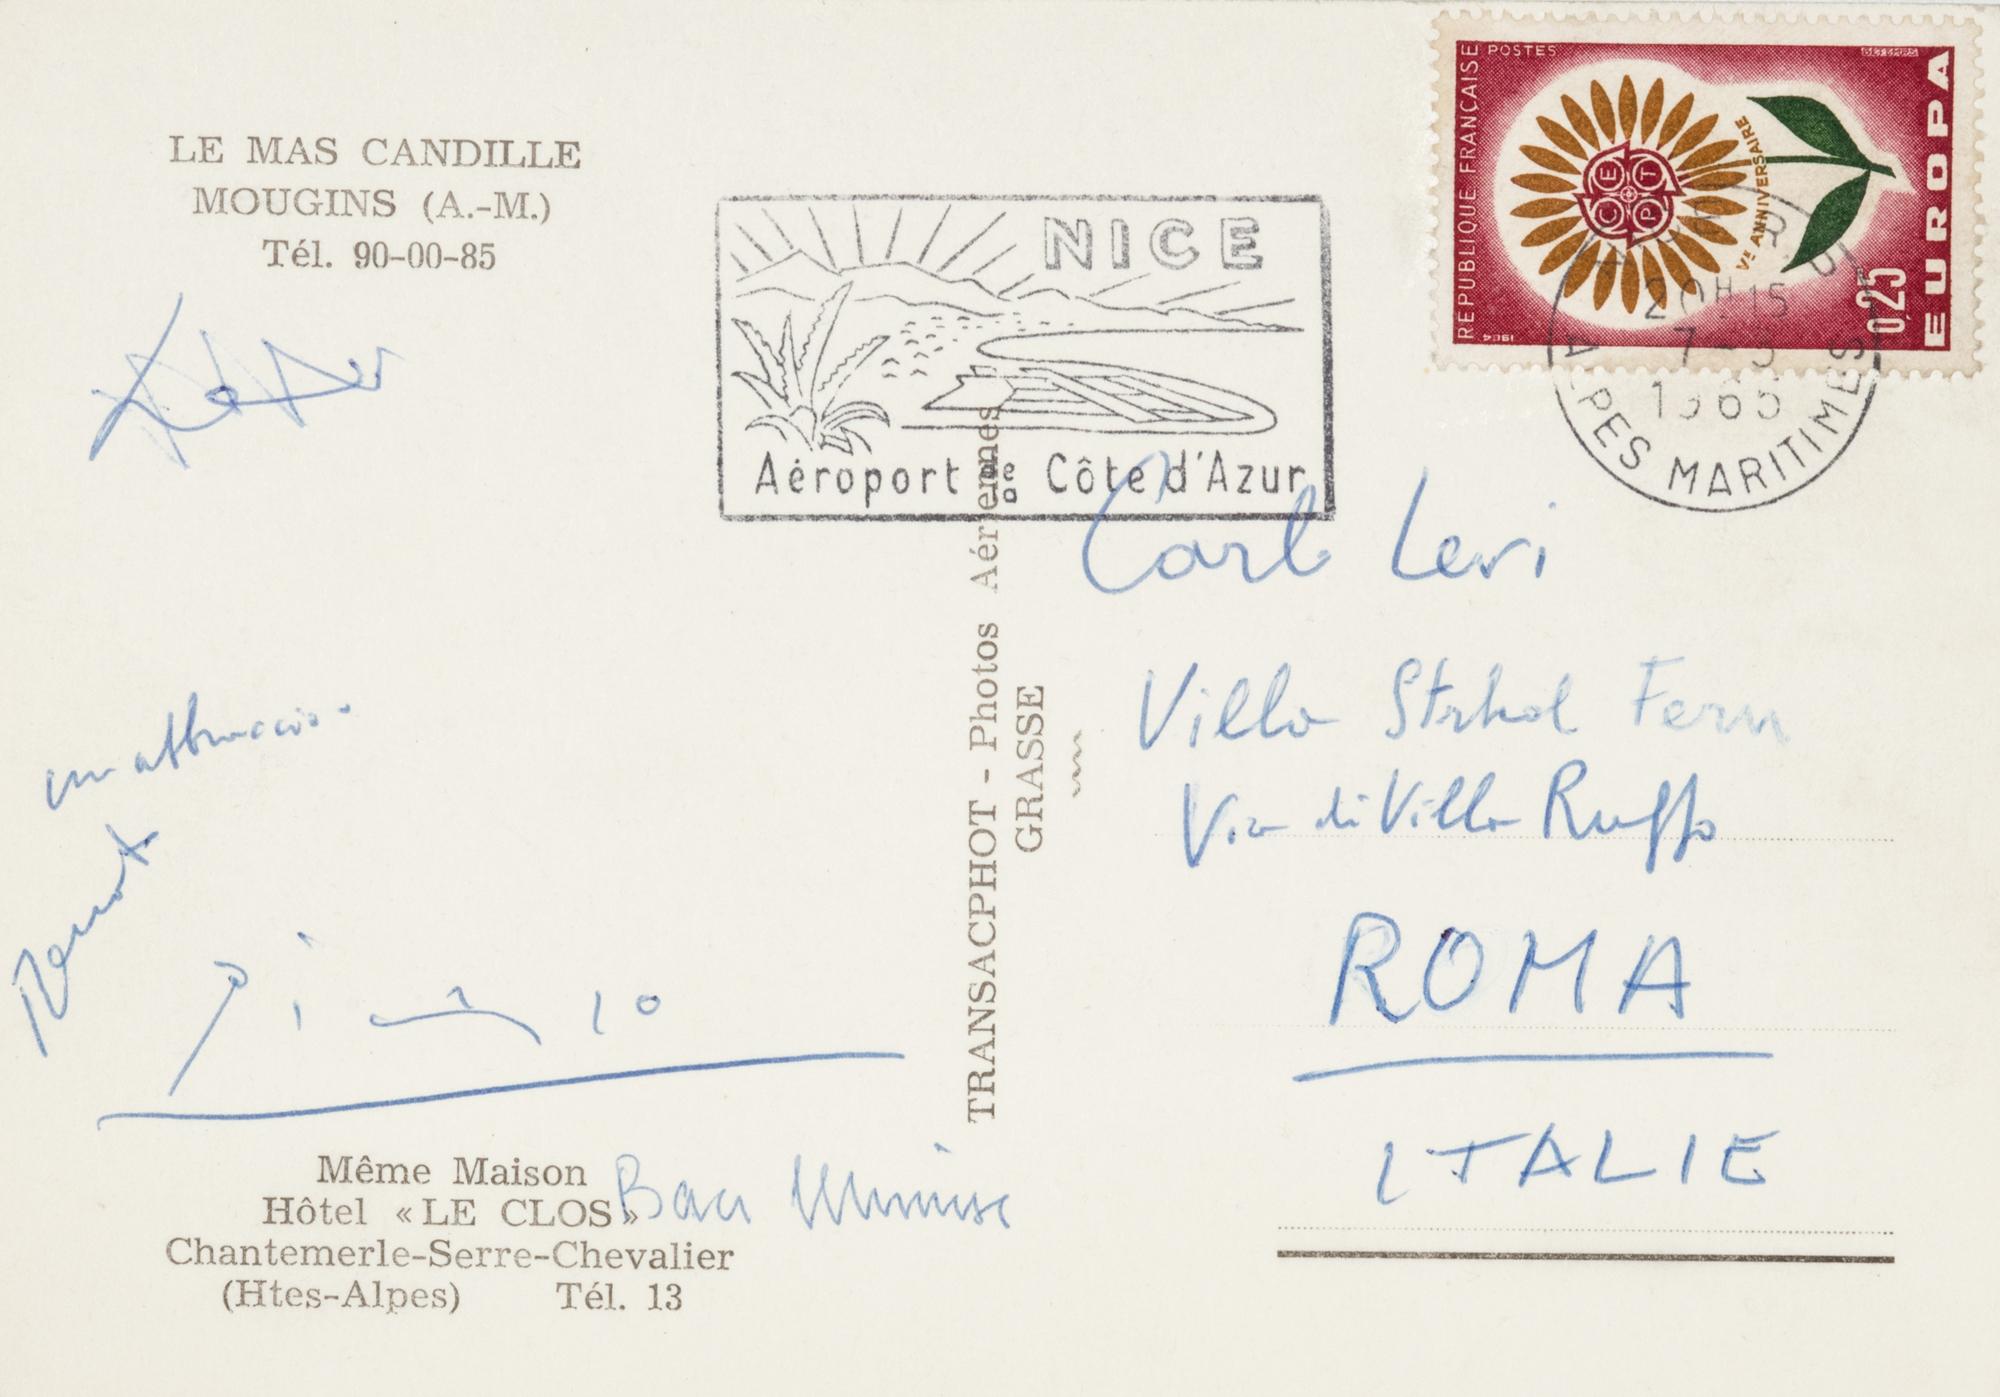 Cartolina con firma